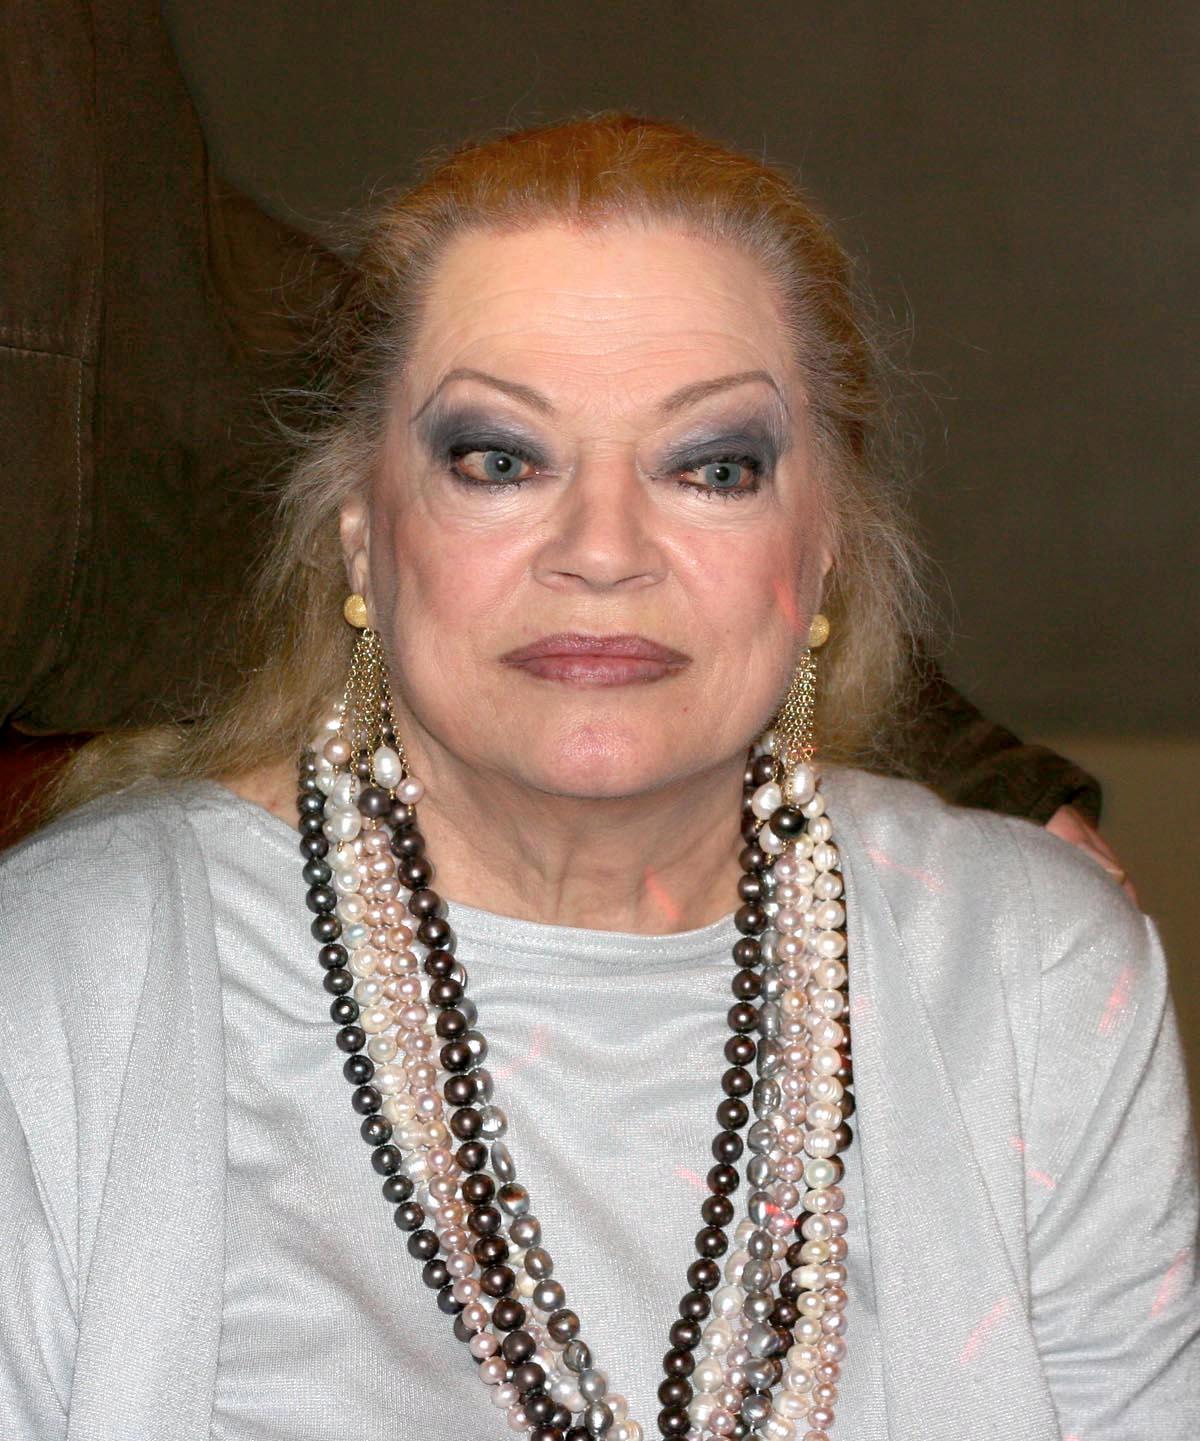 """Addio ad Anita Ekberg, l'attrice svedese icona del film """"La dolce vita"""" di Federico Fellini"""